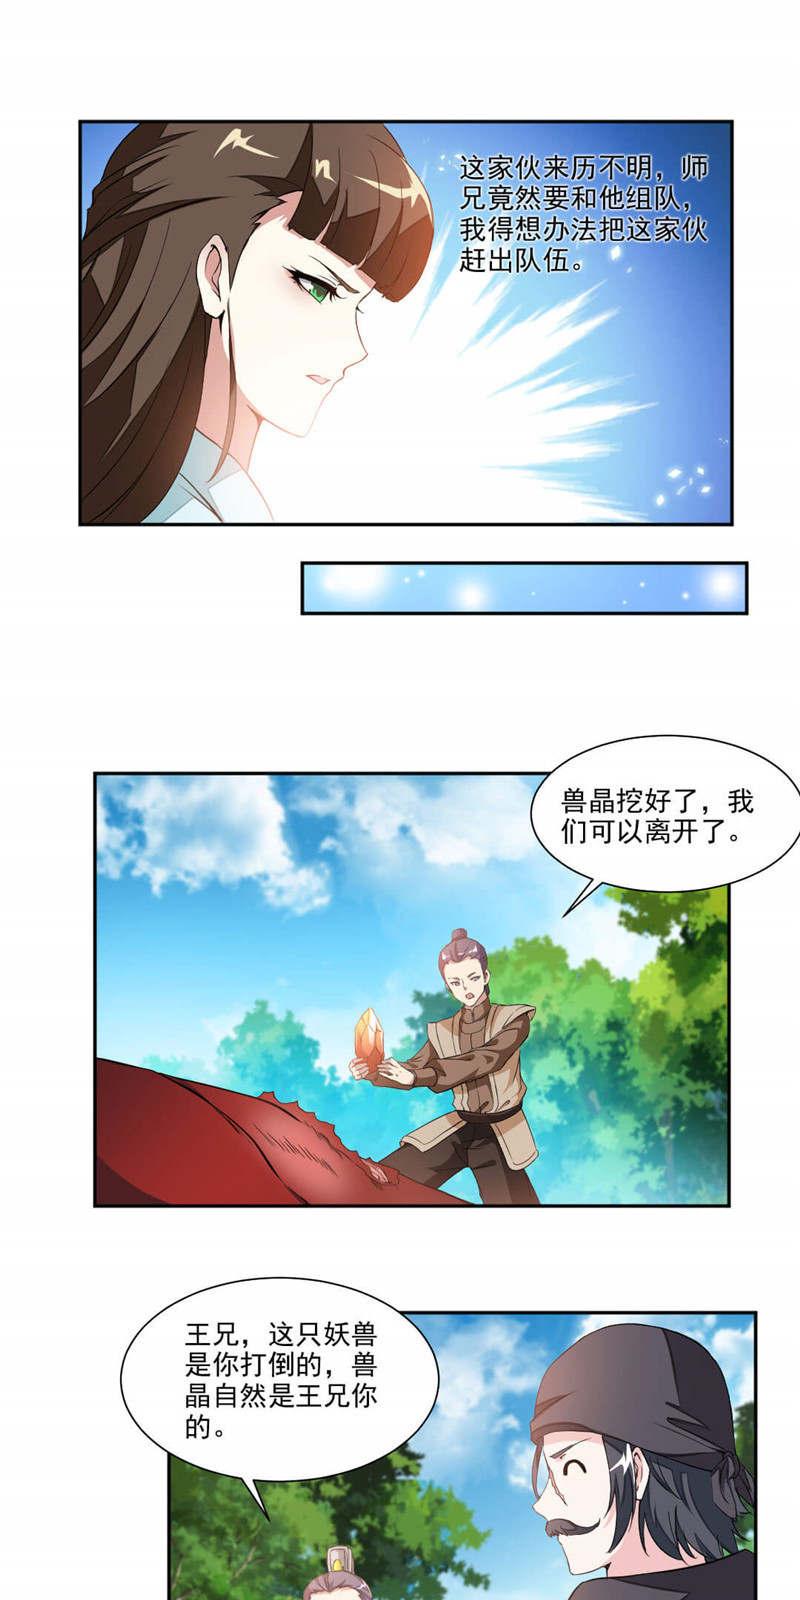 九阳神王第15话  结交 第 14